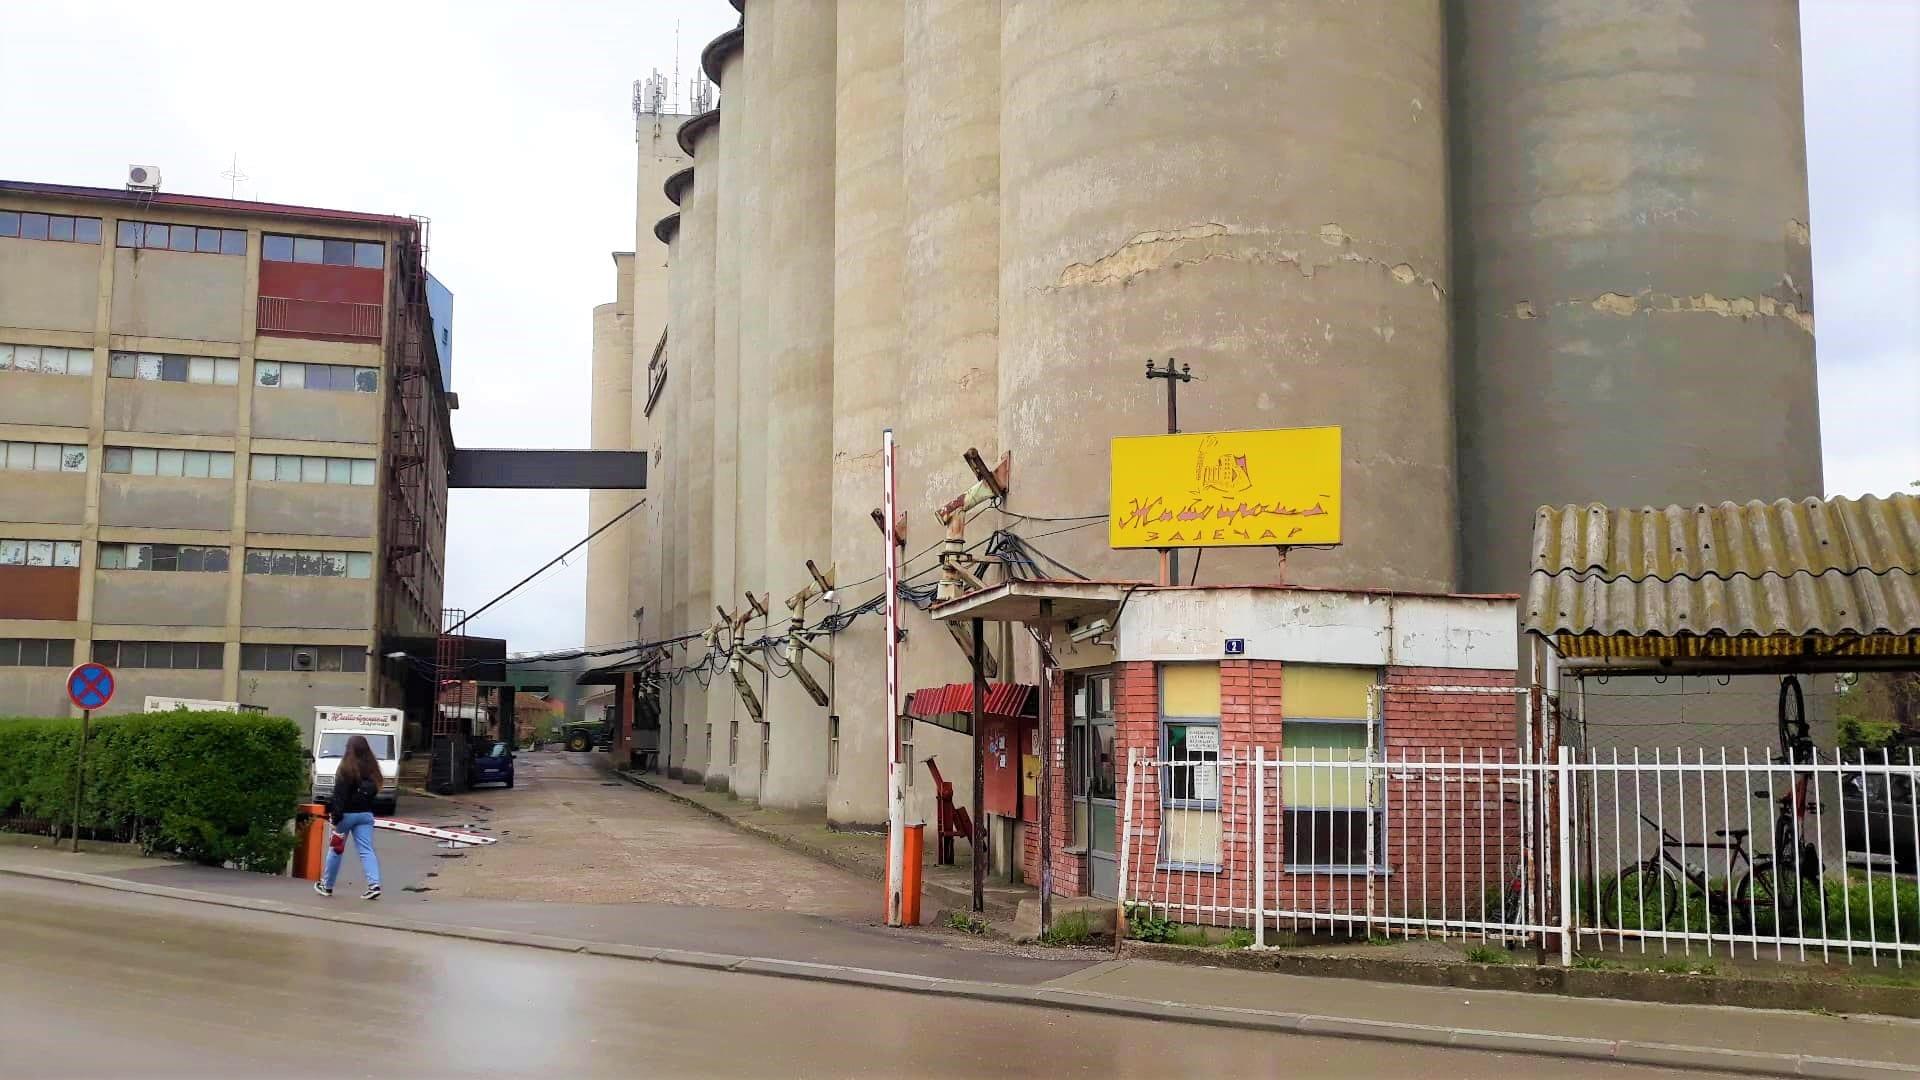 Don Don pokrenuo proizvodnju u zaječarskom Žitoprometu